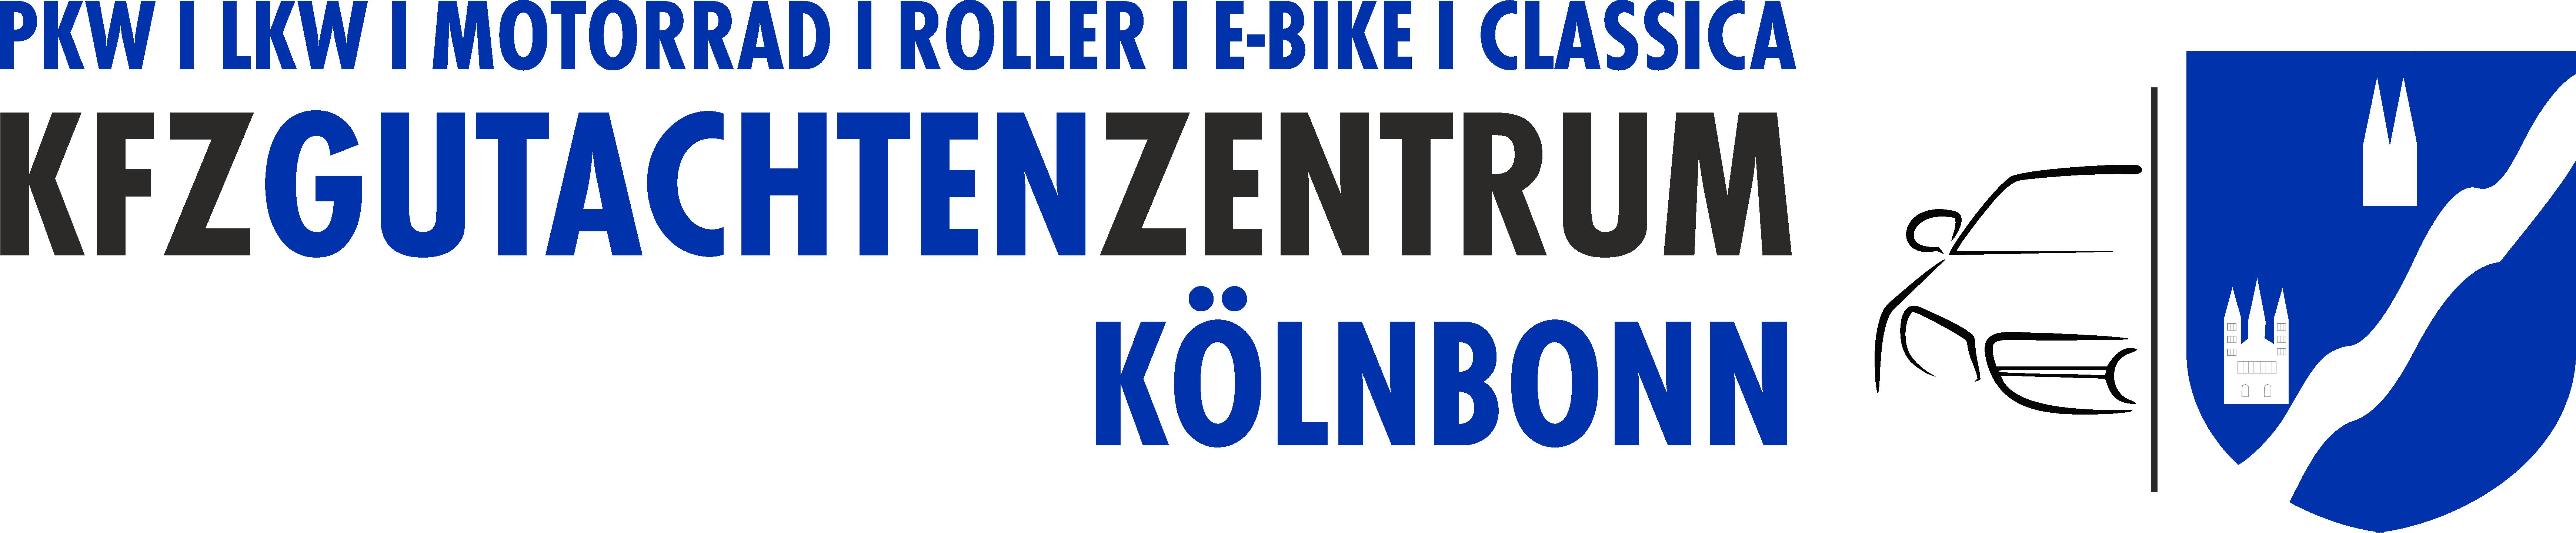 KFZ Gutachtenzentrum Köln Bonn